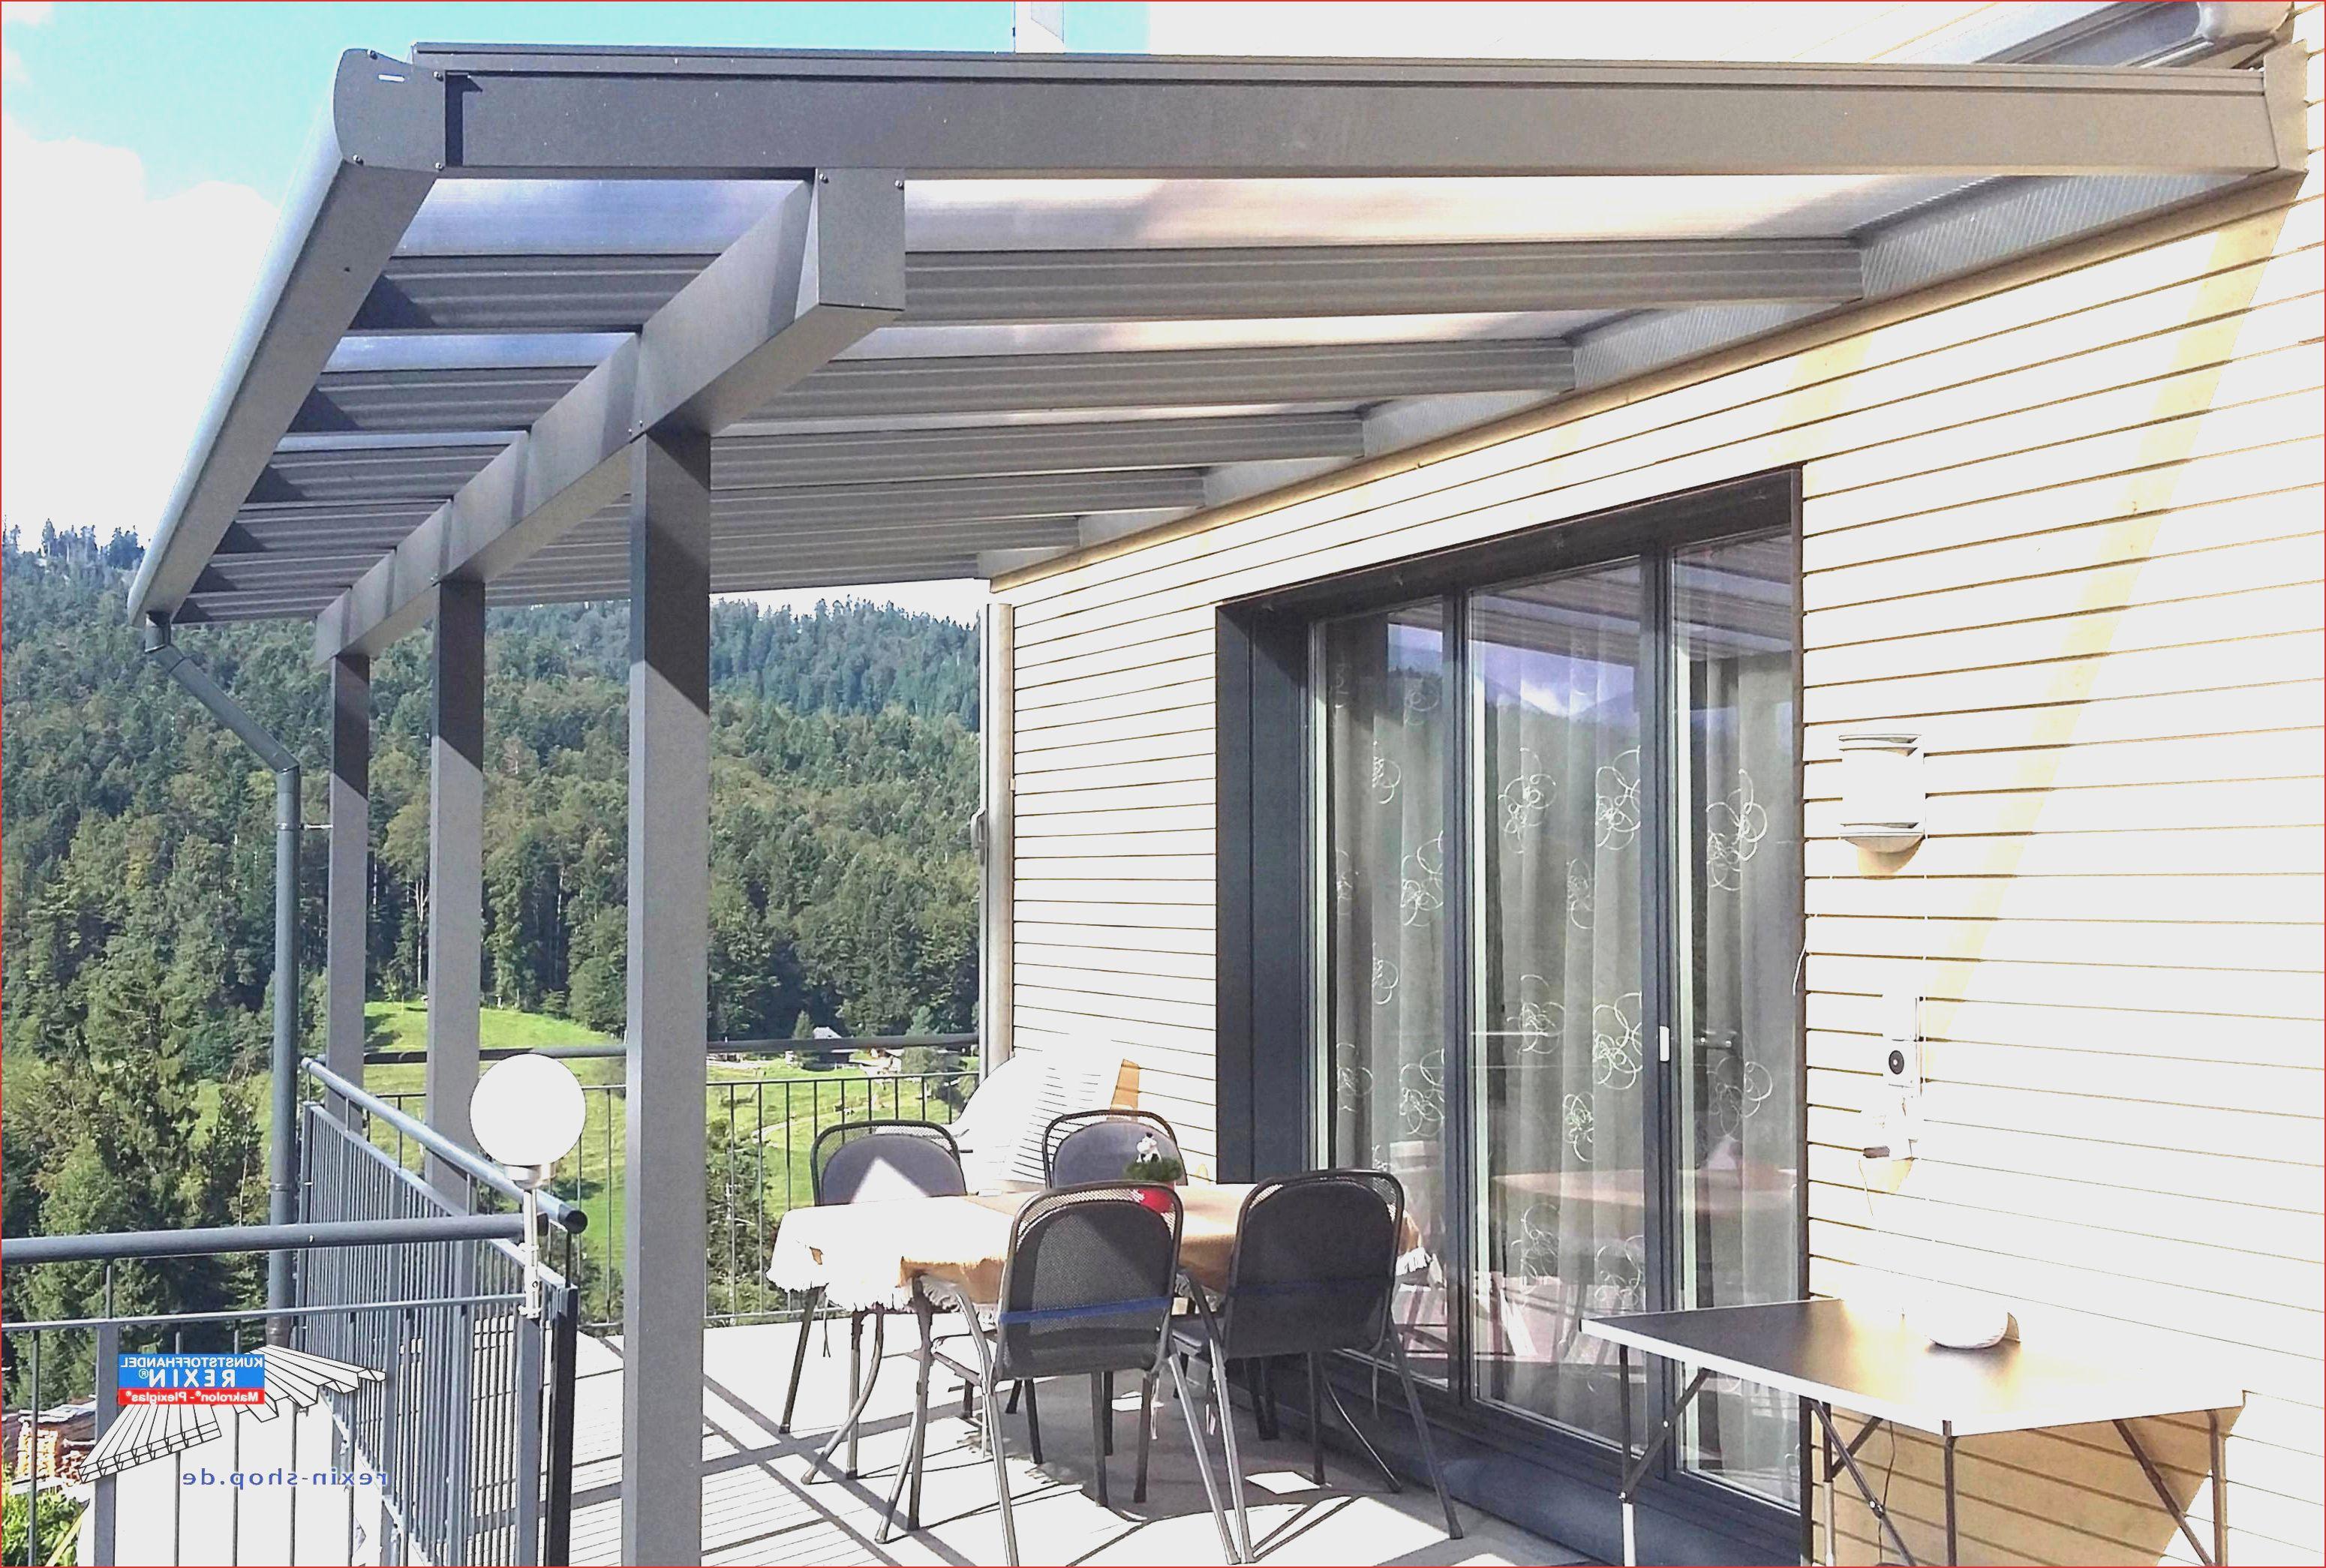 Garten Meinung 26 Luxus Bauhaus Sichtschutz Balkon O82p